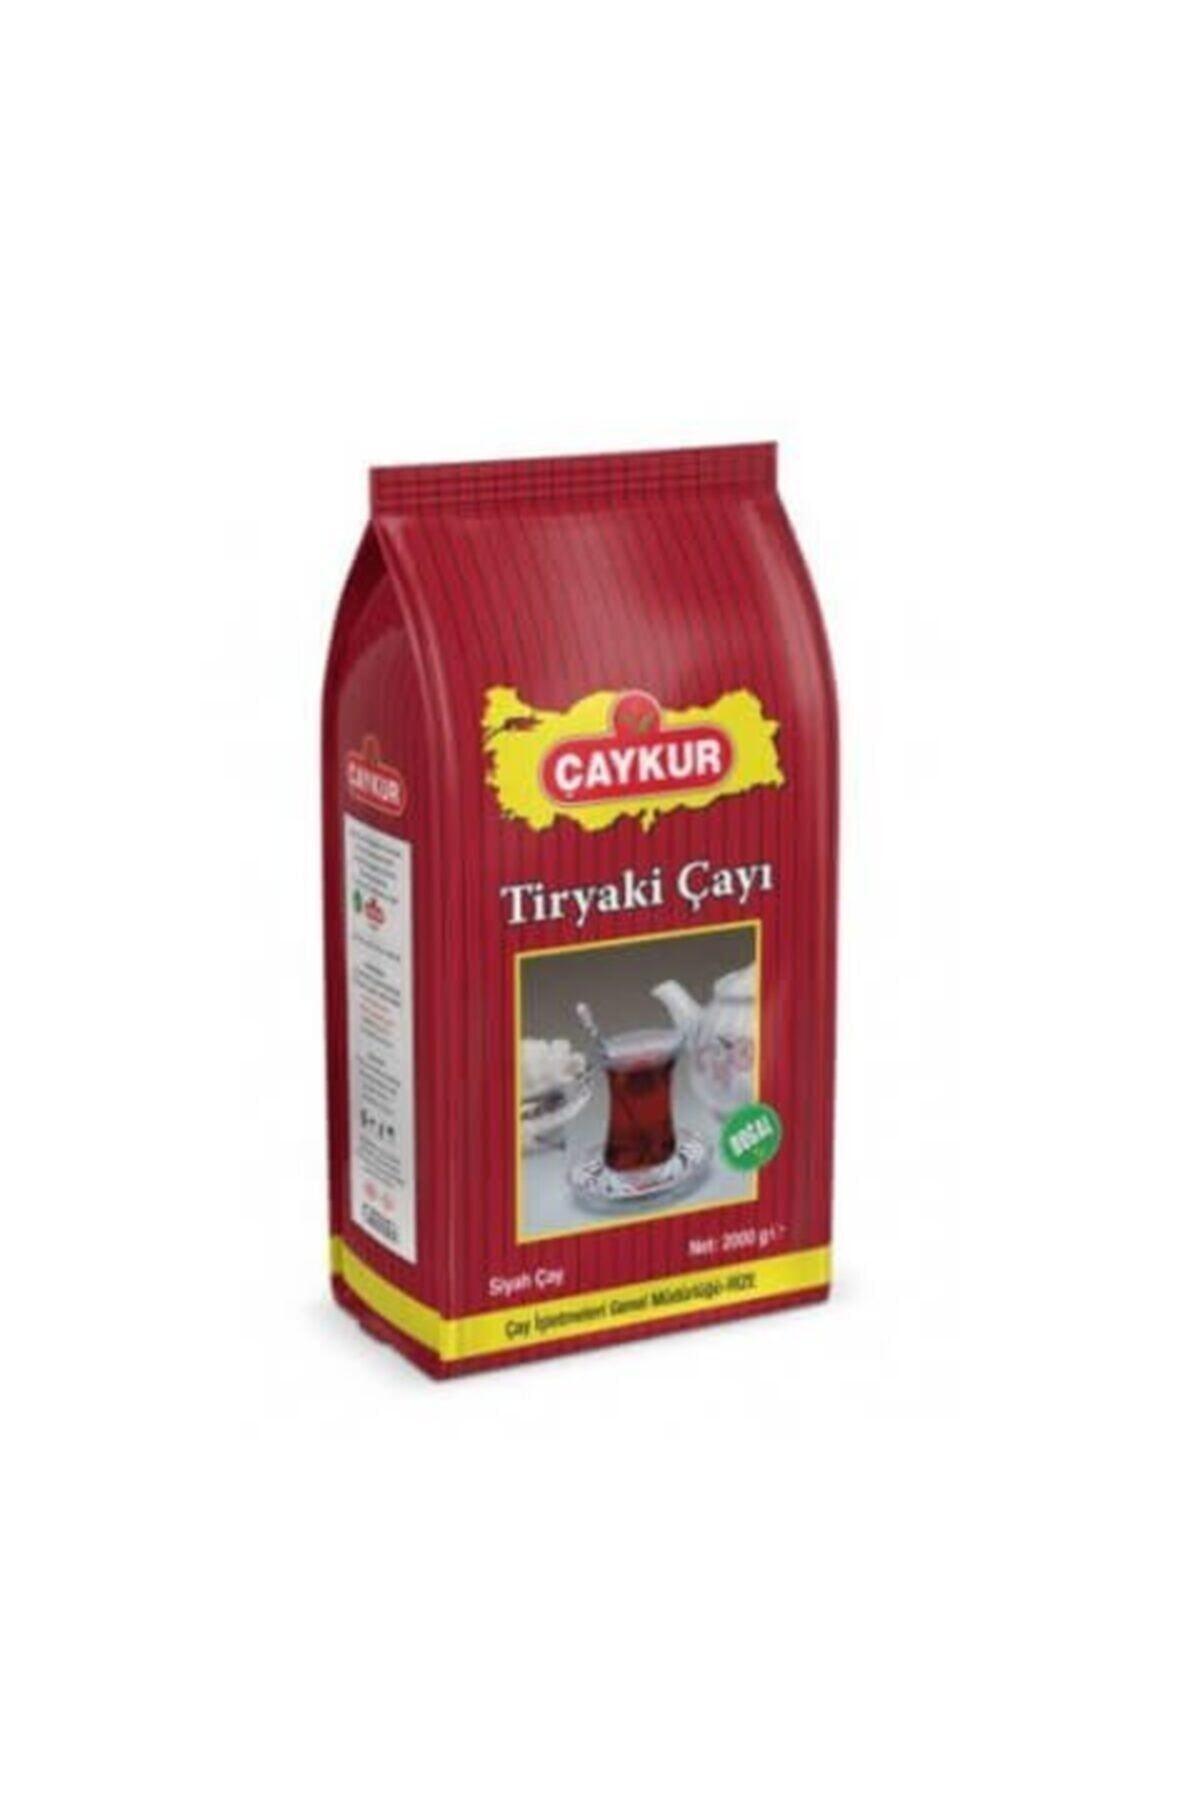 Çaykur Tiryaki Çay 2 Kg 1